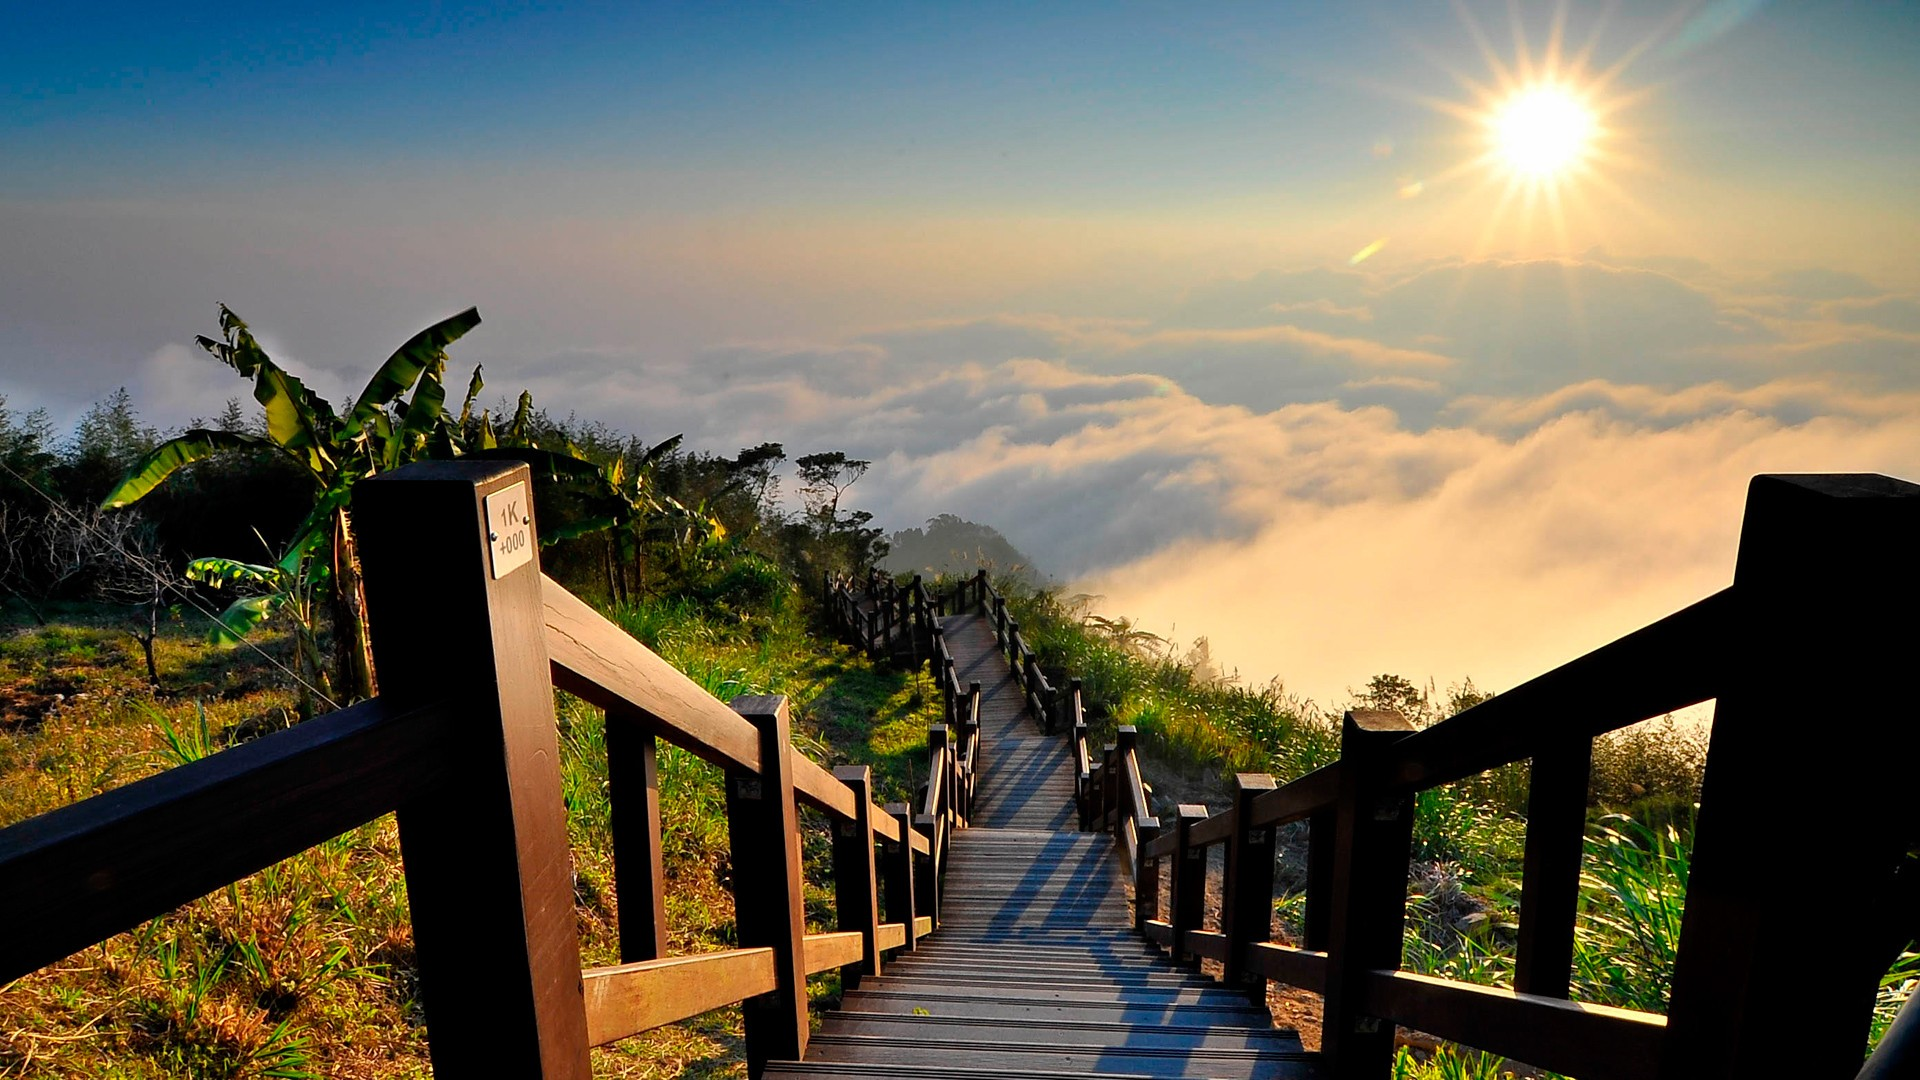 Bilder von Taiwan bei denen du am liebsten sofort die Koffer packen möchtest